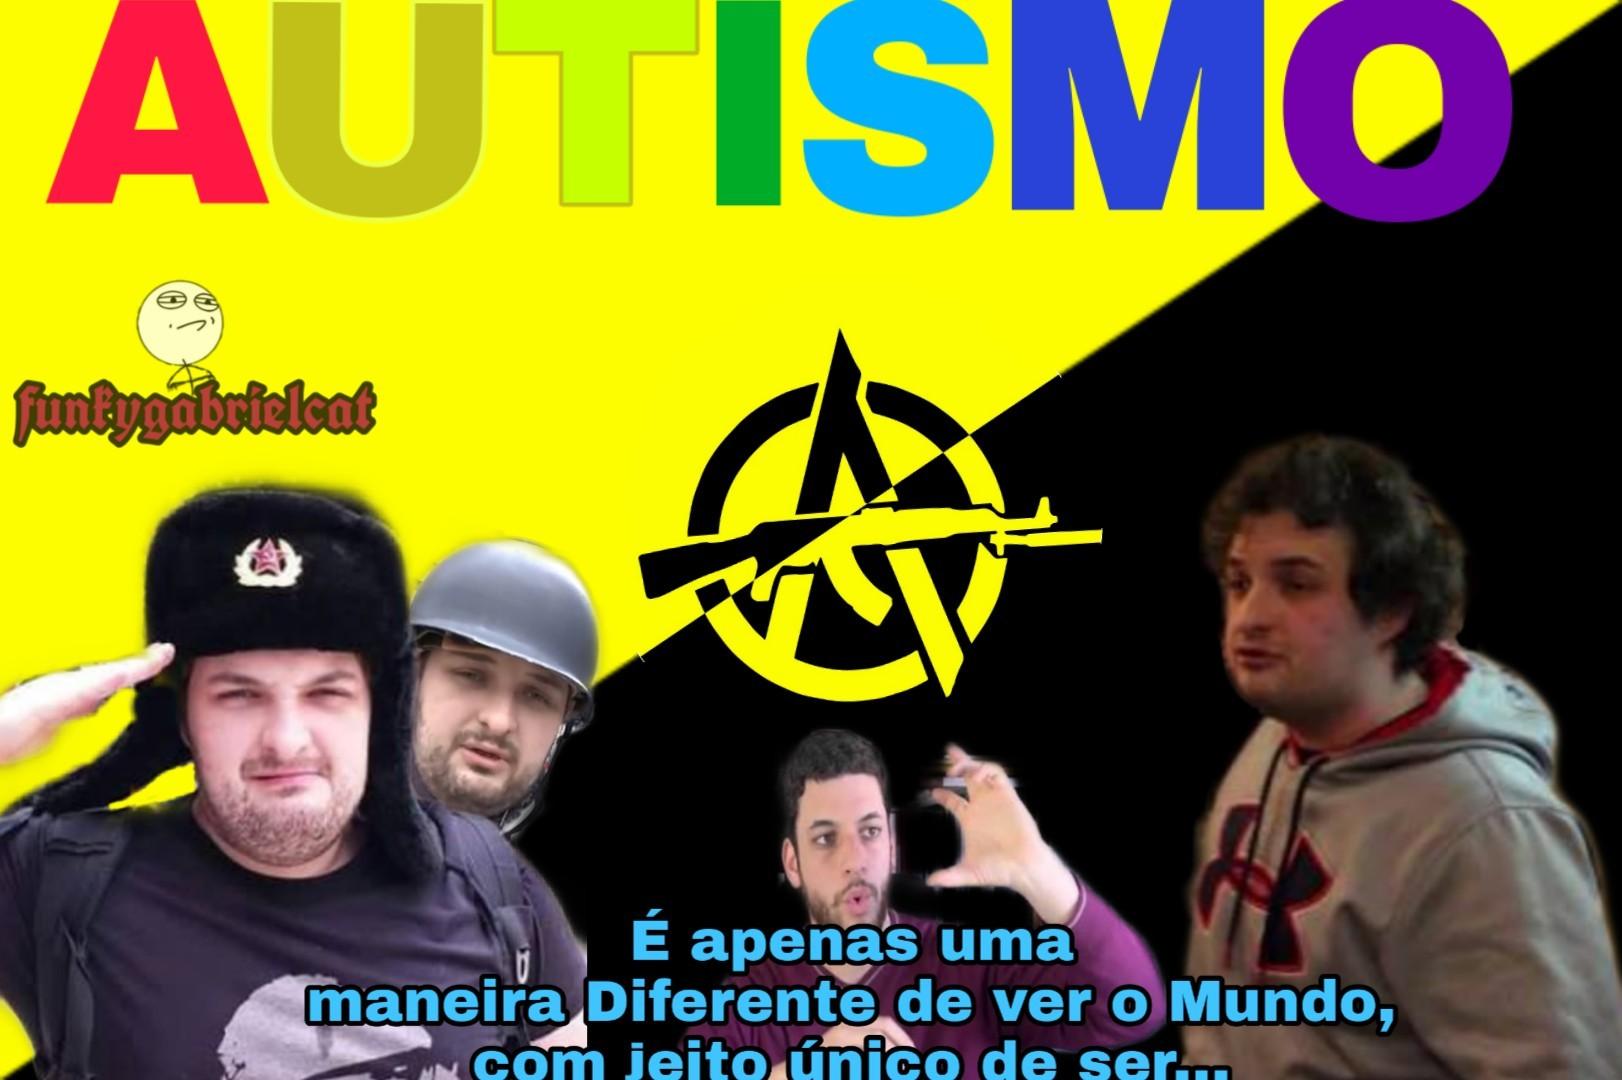 Mês mundial de combate ao autismo - meme